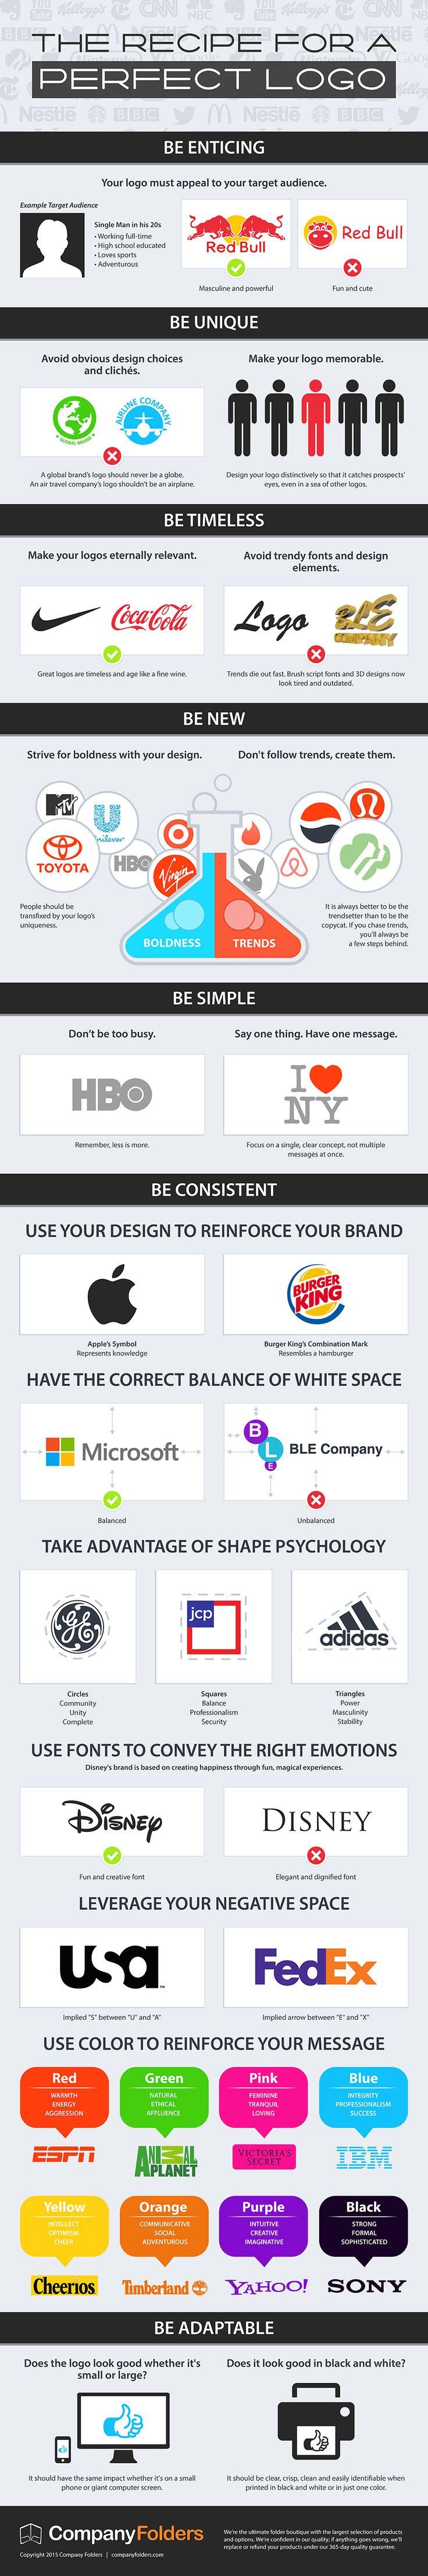 logoperfect.jpg 900×5415 pixels